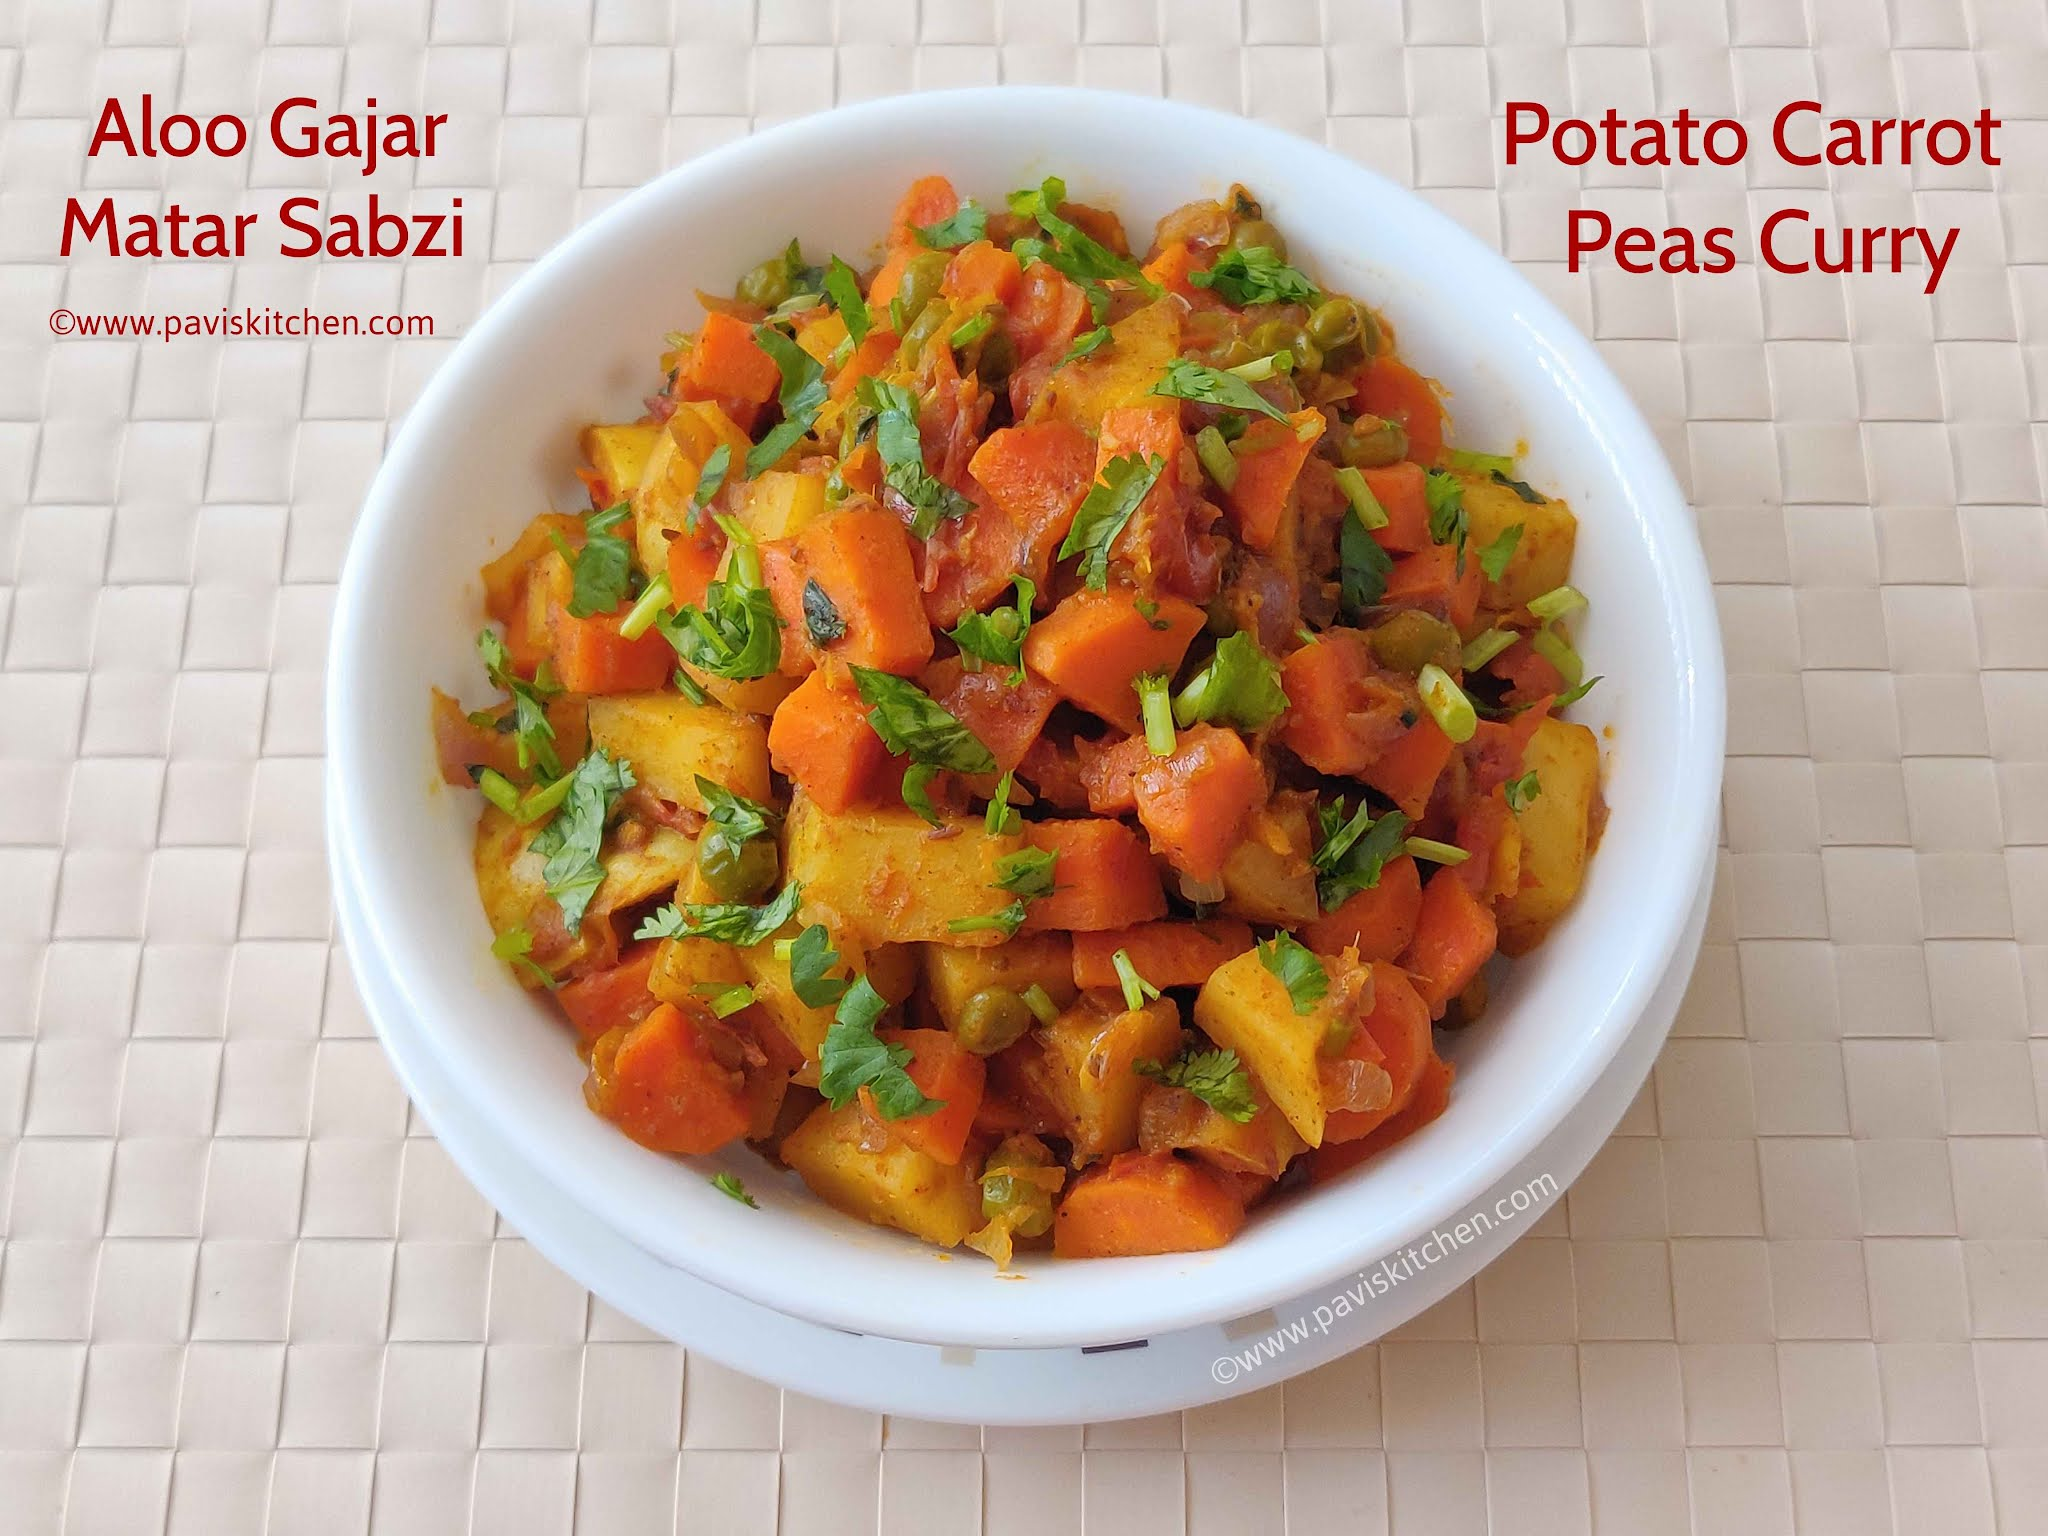 Aloo gajar matar recipe | Indian potato carrot peas sabzi - Punjabi style